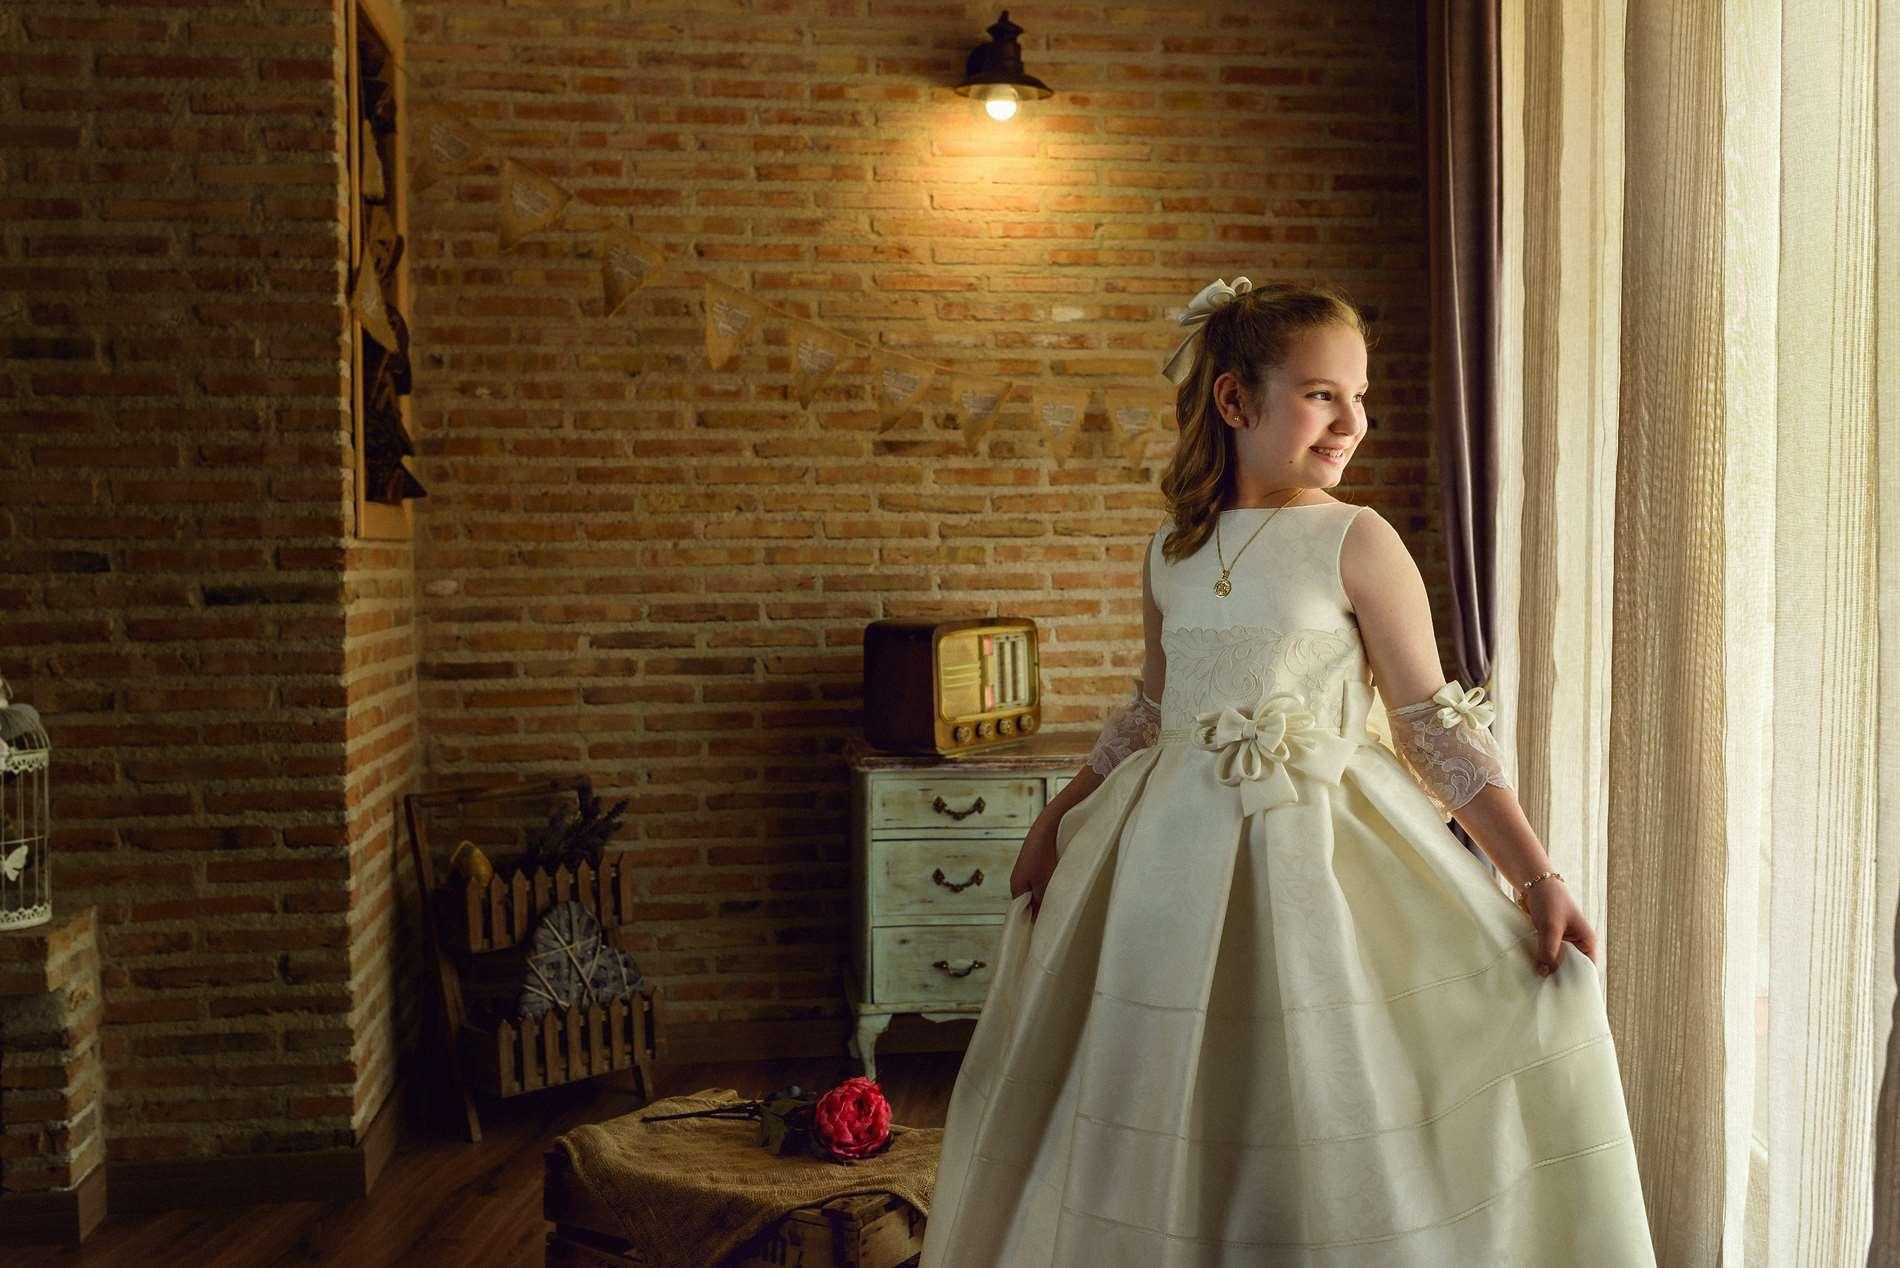 con su vestido en la ventana